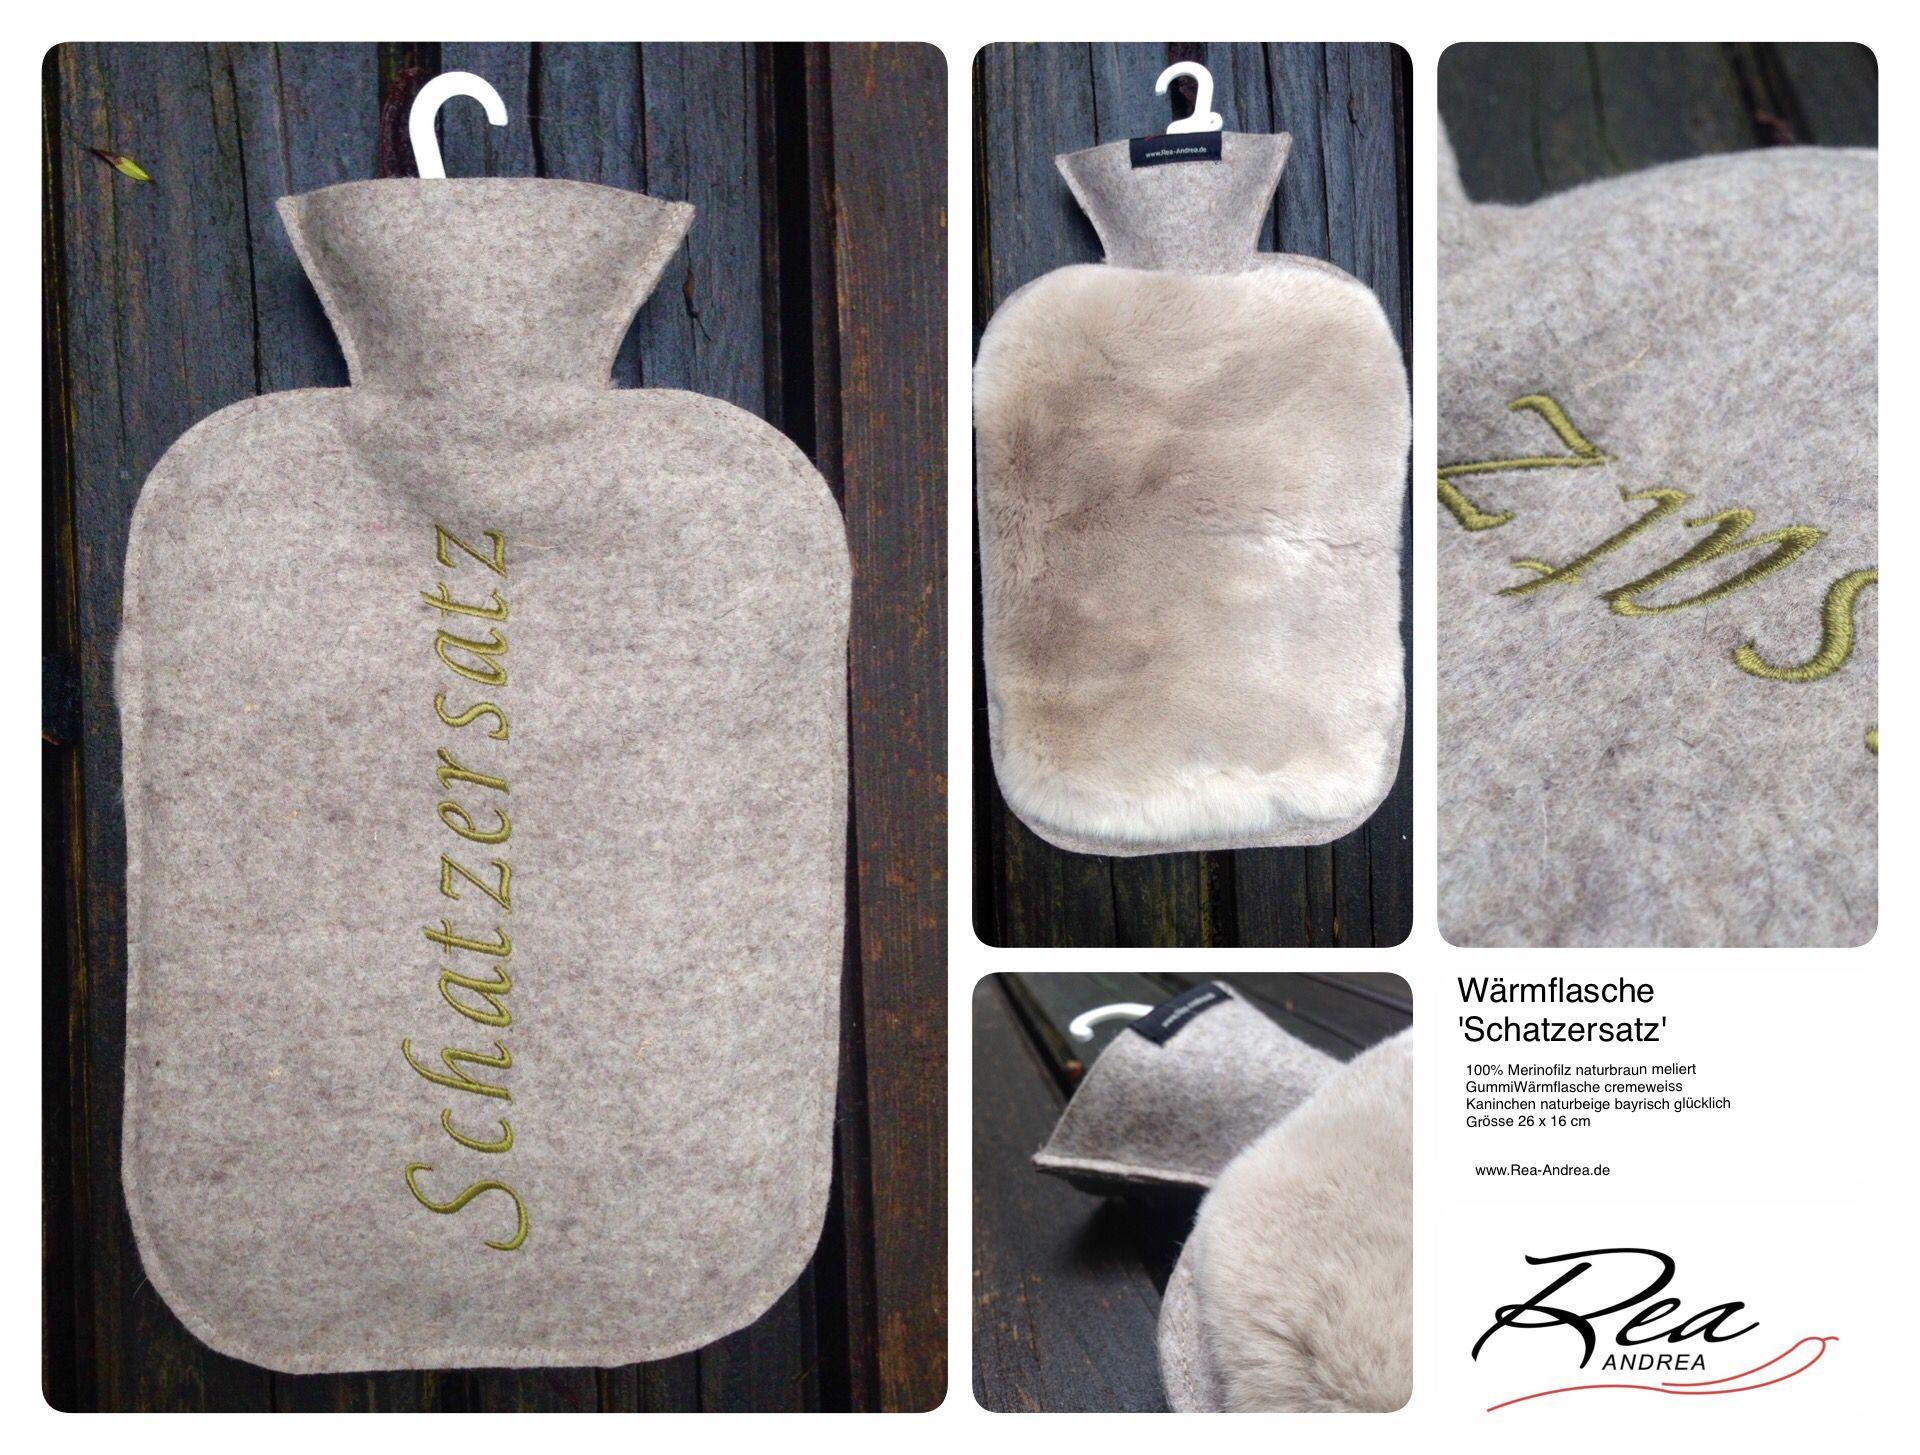 Bettgeflüster 'Schatzersatz' --   100% Merinofilz naturbraun meliert - GummiWärmflasche cremeweiss -Kaninchen naturbeige bayrisch -glücklich Grösse 26 x 16 cm